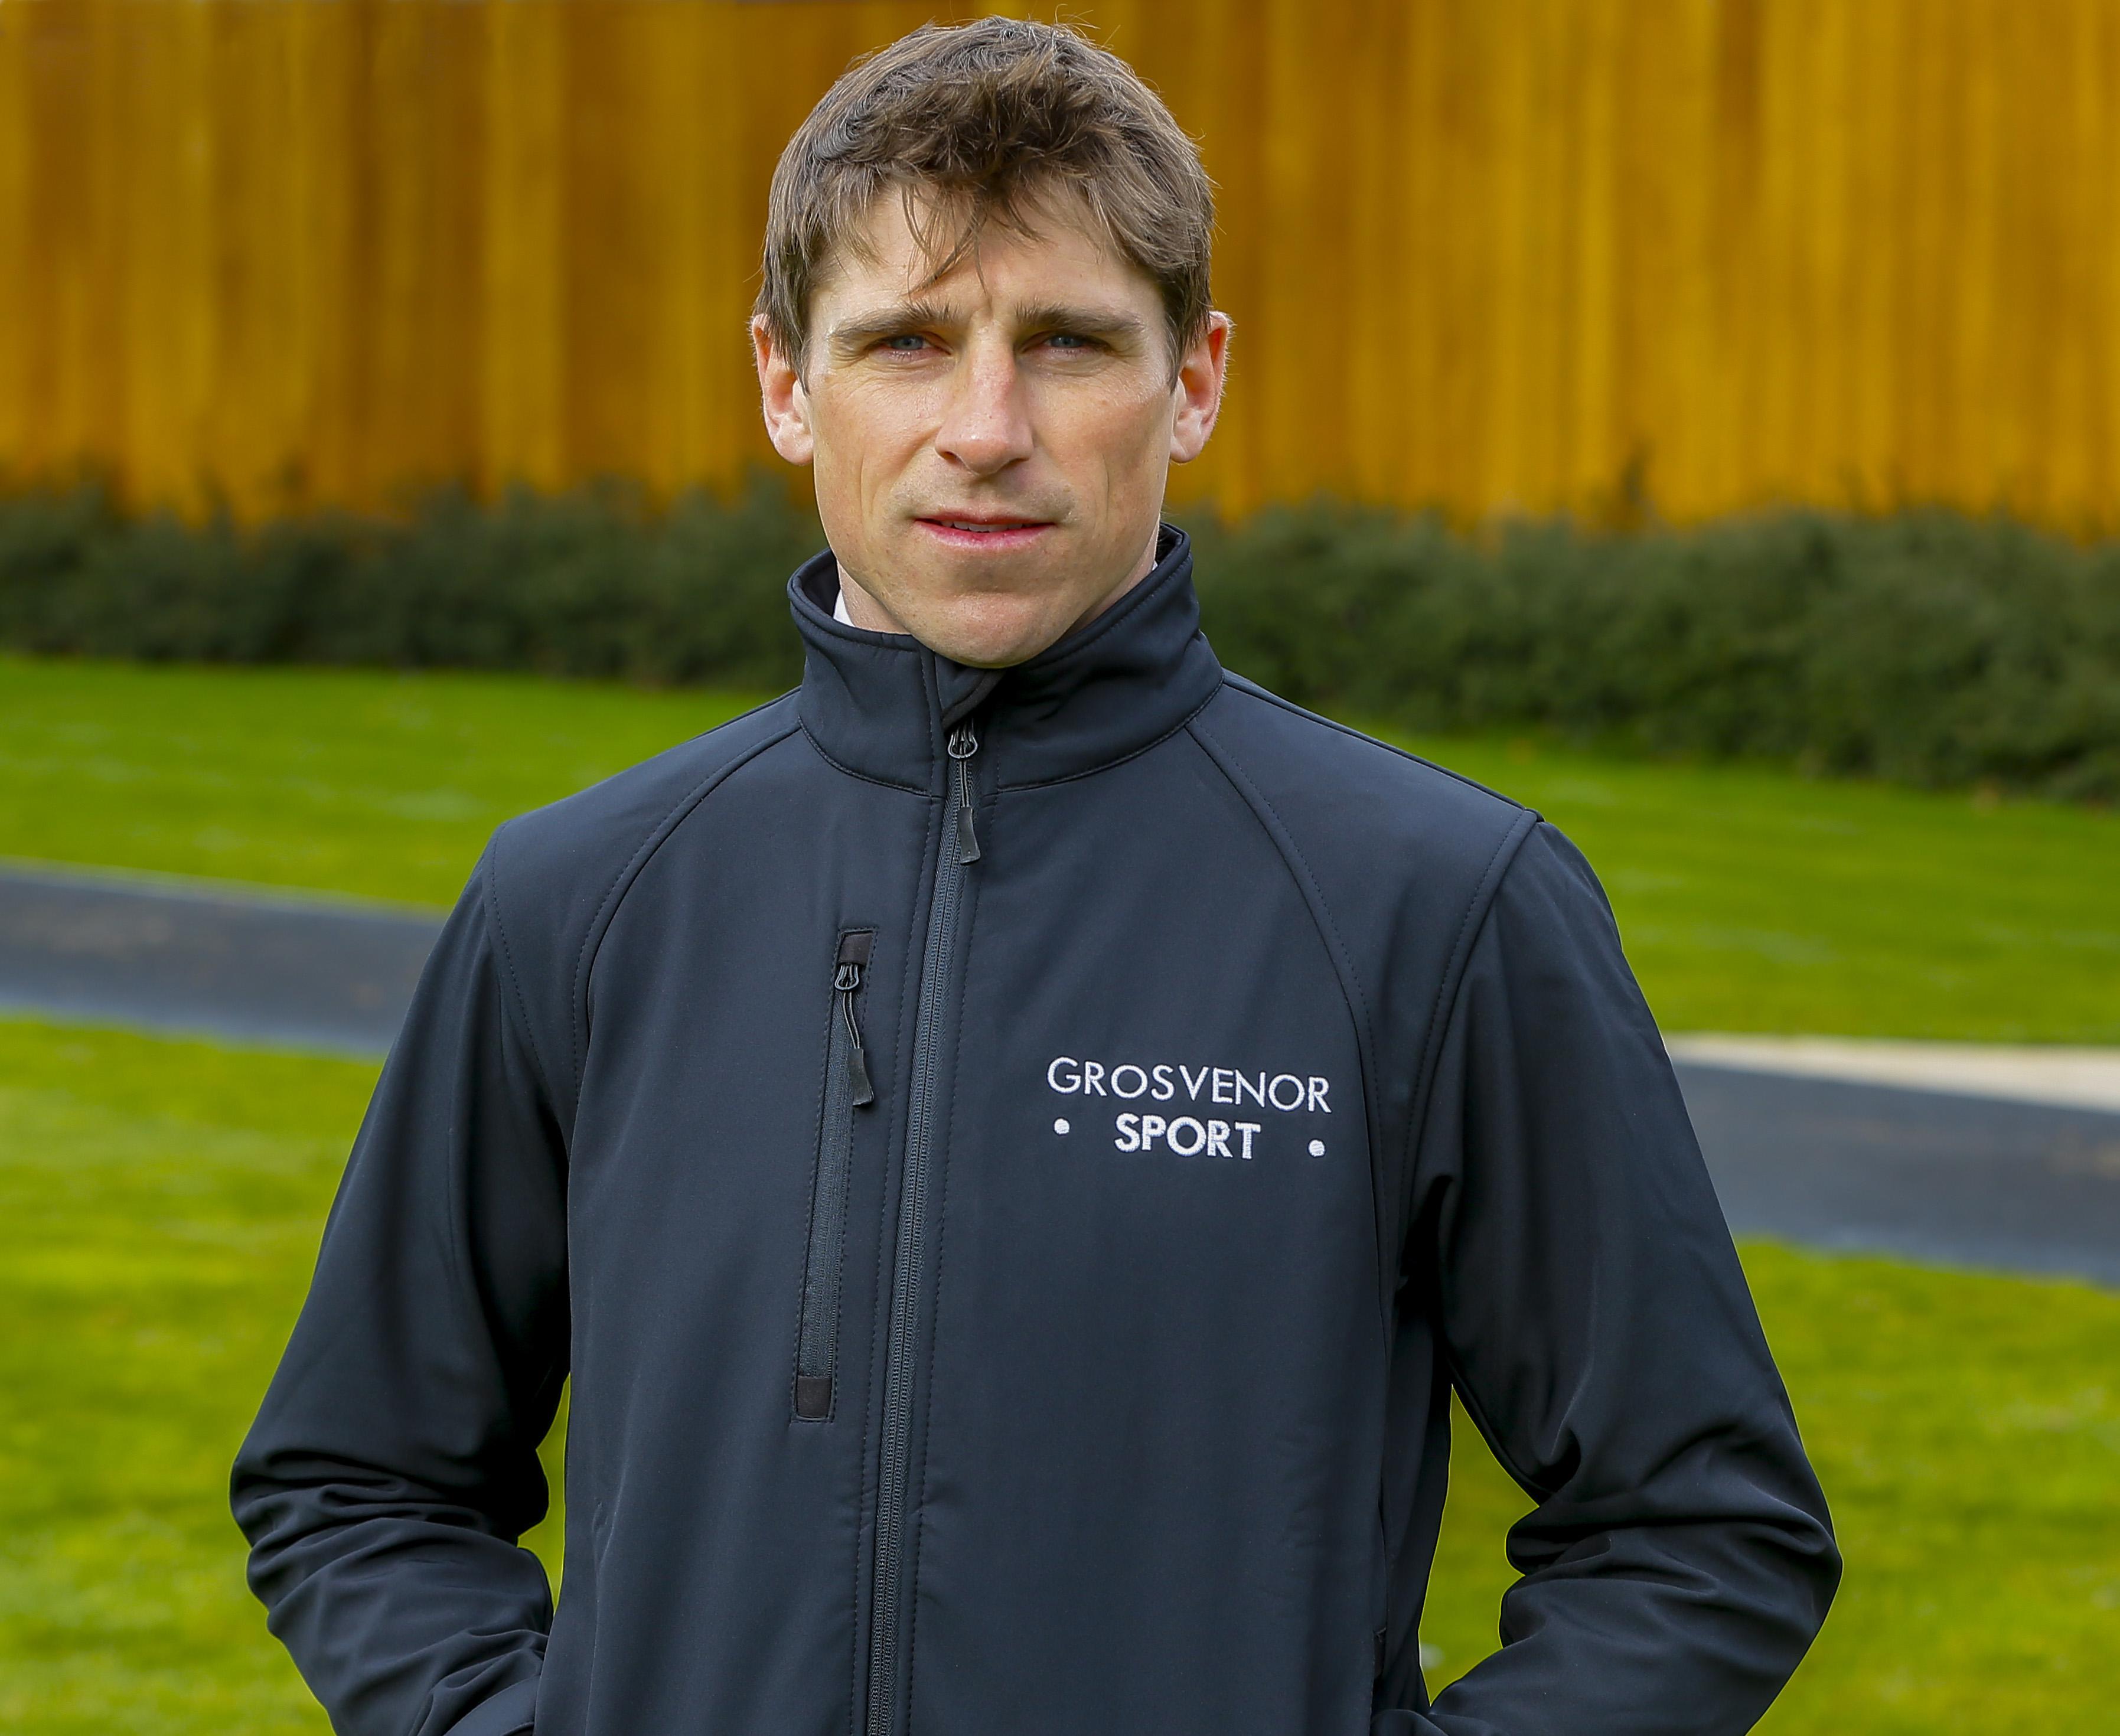 Grosvenor Sport Harry Skelton